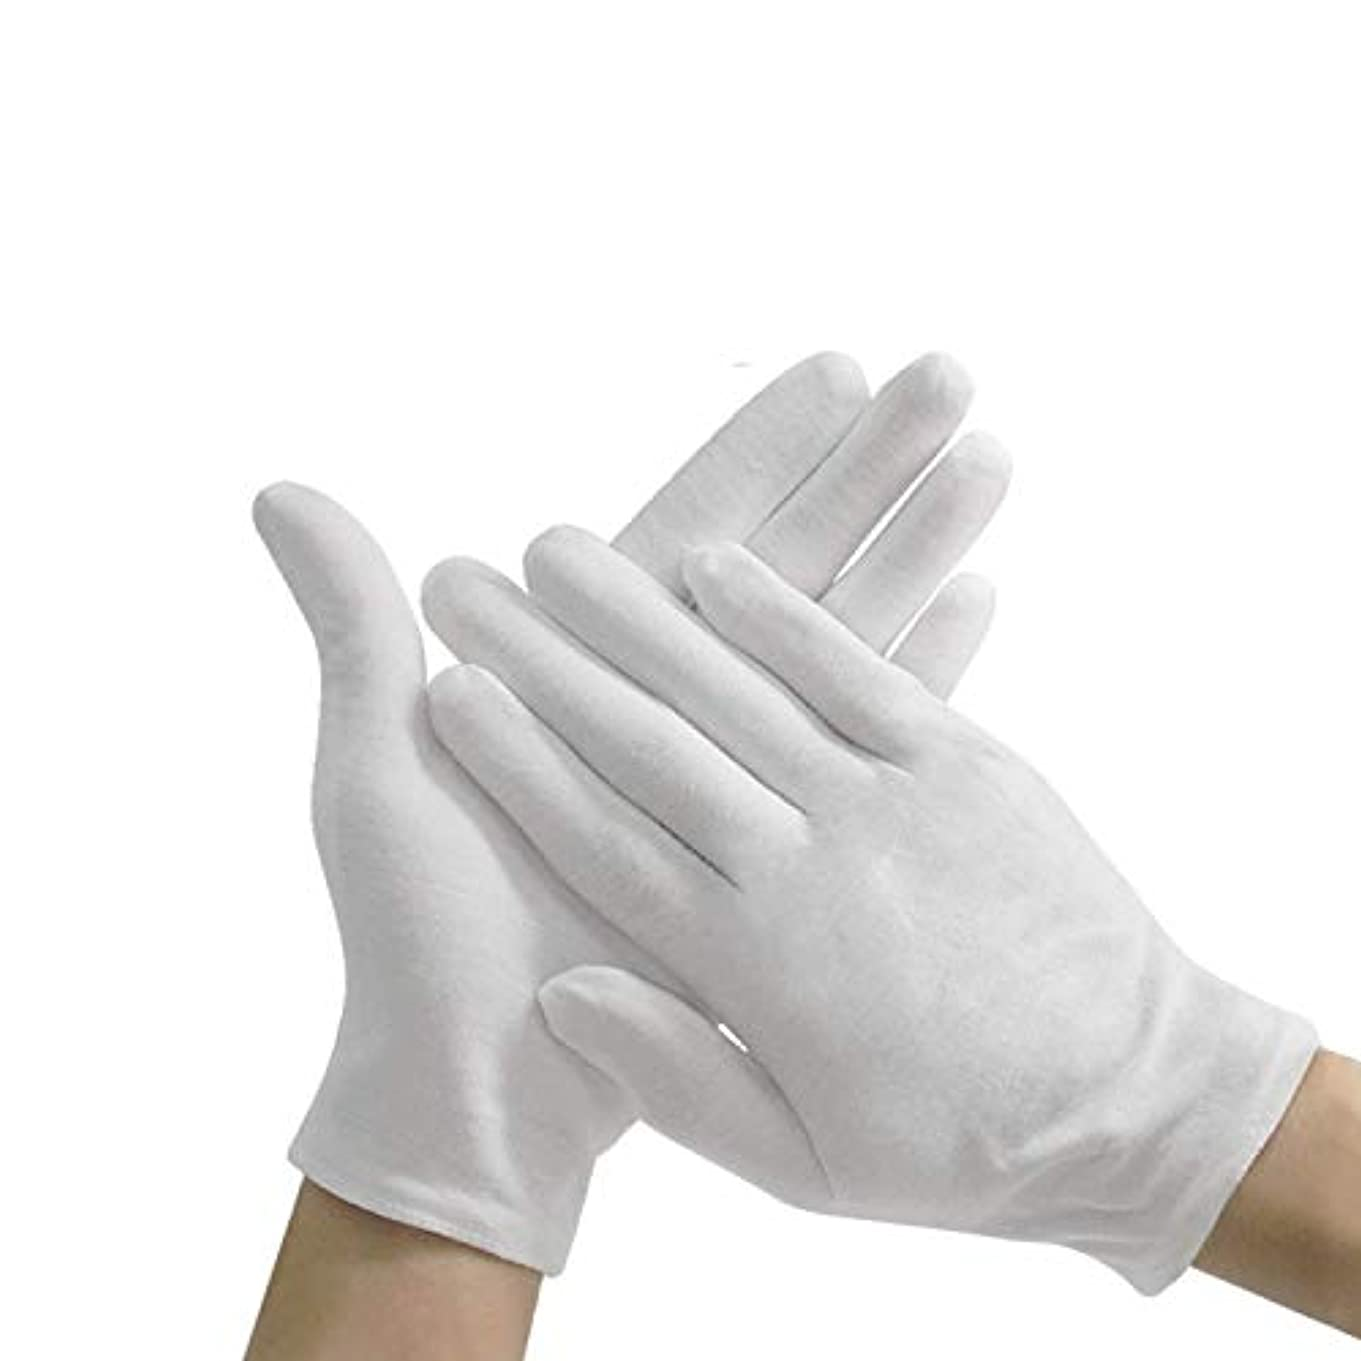 レンディション辛い気をつけてコットン手袋 純綿100%耐久性が強い上に軽く高品質伸縮性通気性抜群 白 12双組